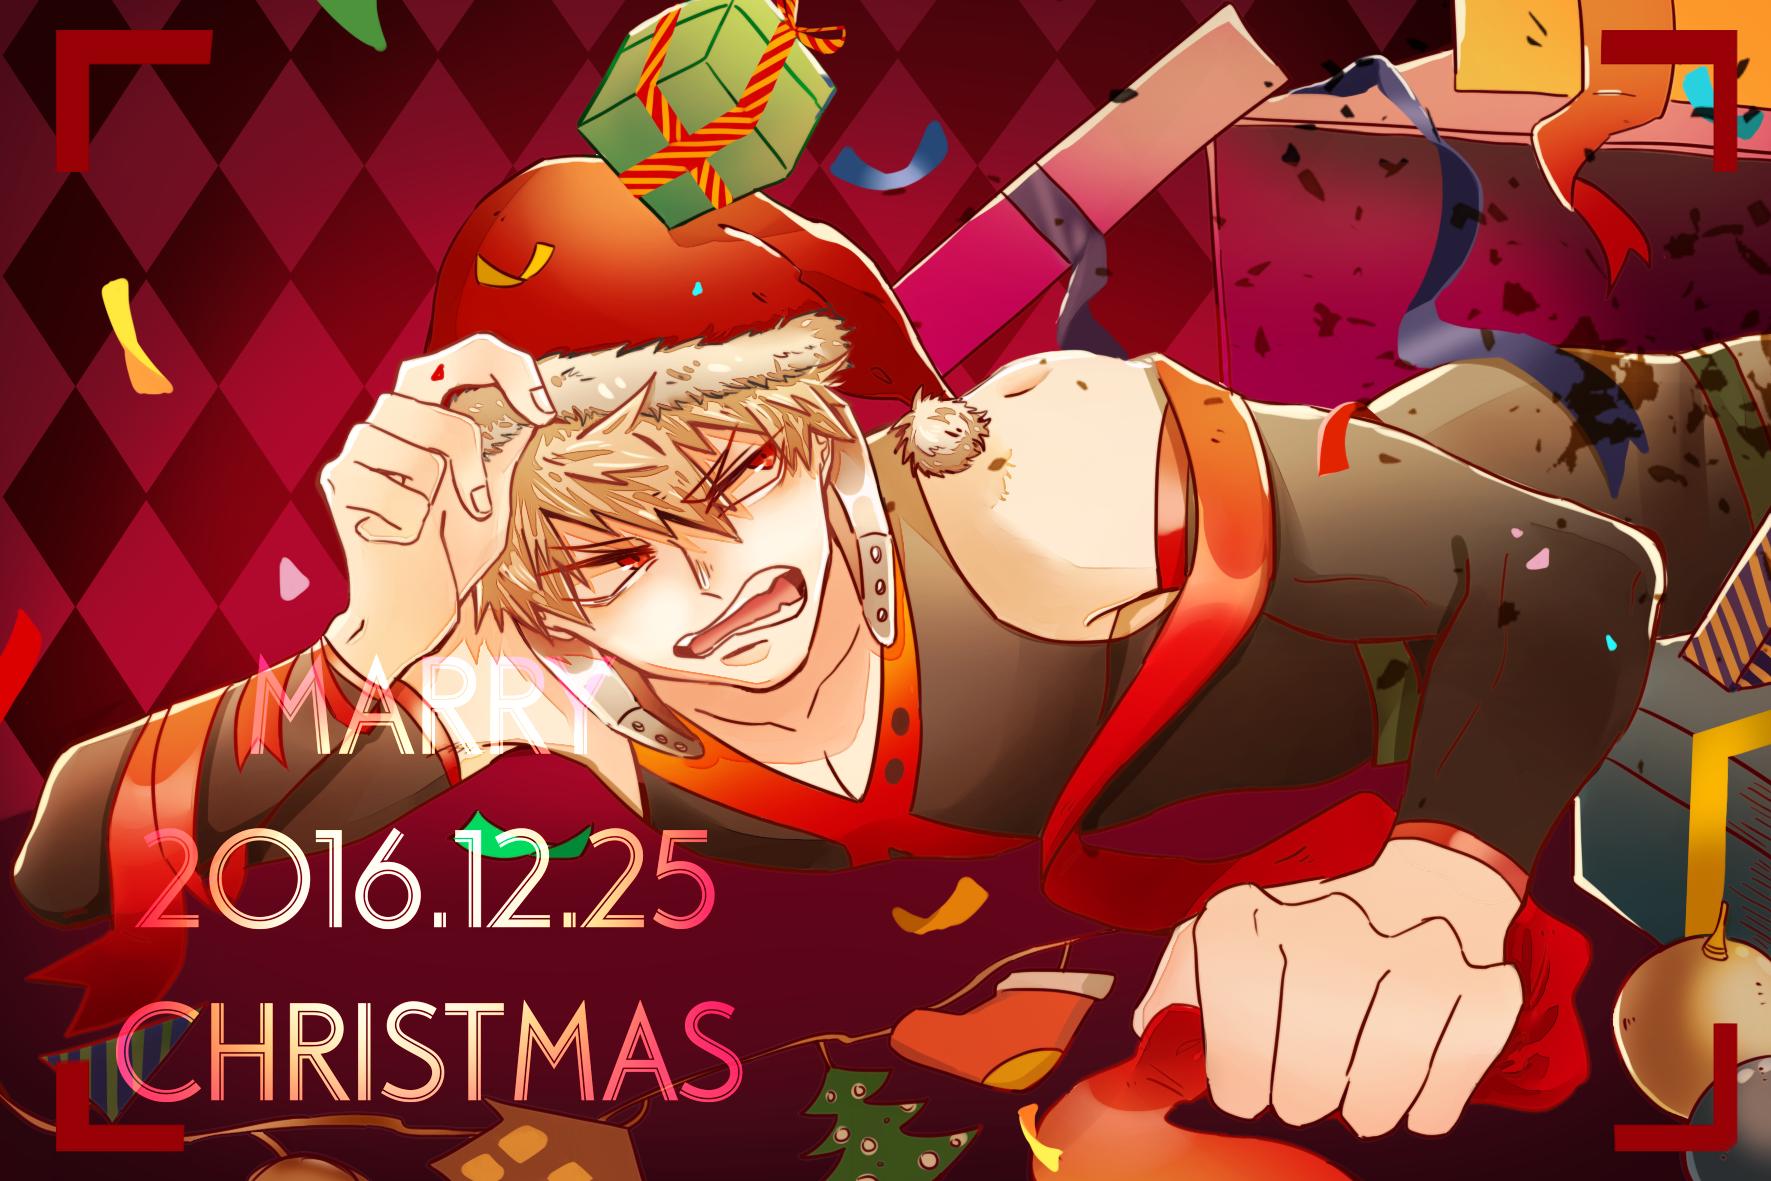 Boku no Hero Academia || Katsuki Bakugou (Merry Christmas)